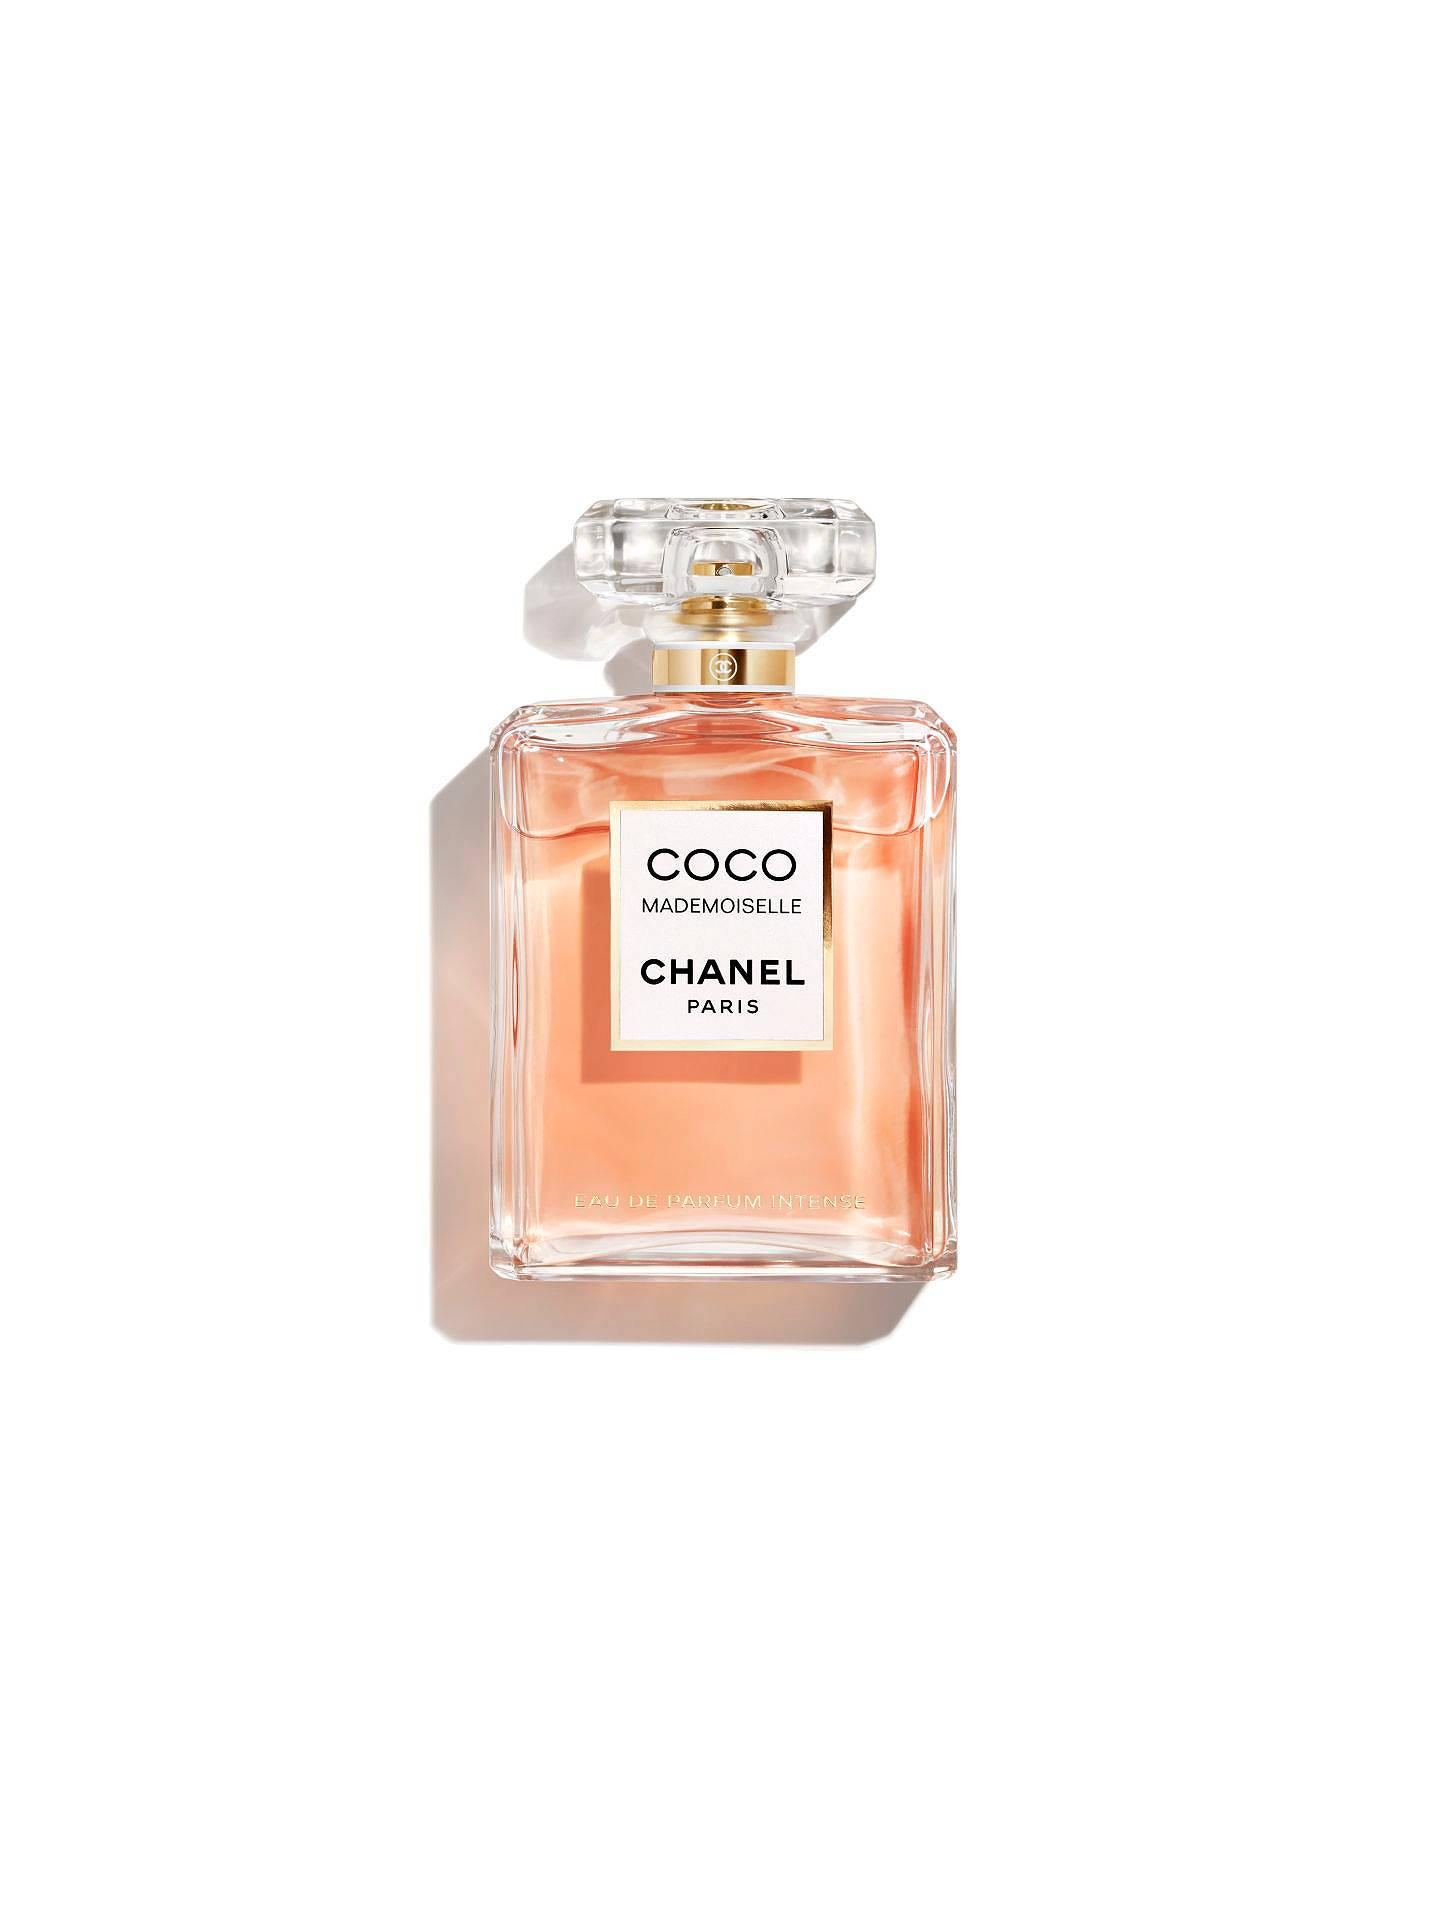 fbd358c6a1 Buy CHANEL COCO MADEMOISELLE Eau de Parfum Intense, 200ml Online at  johnlewis.com